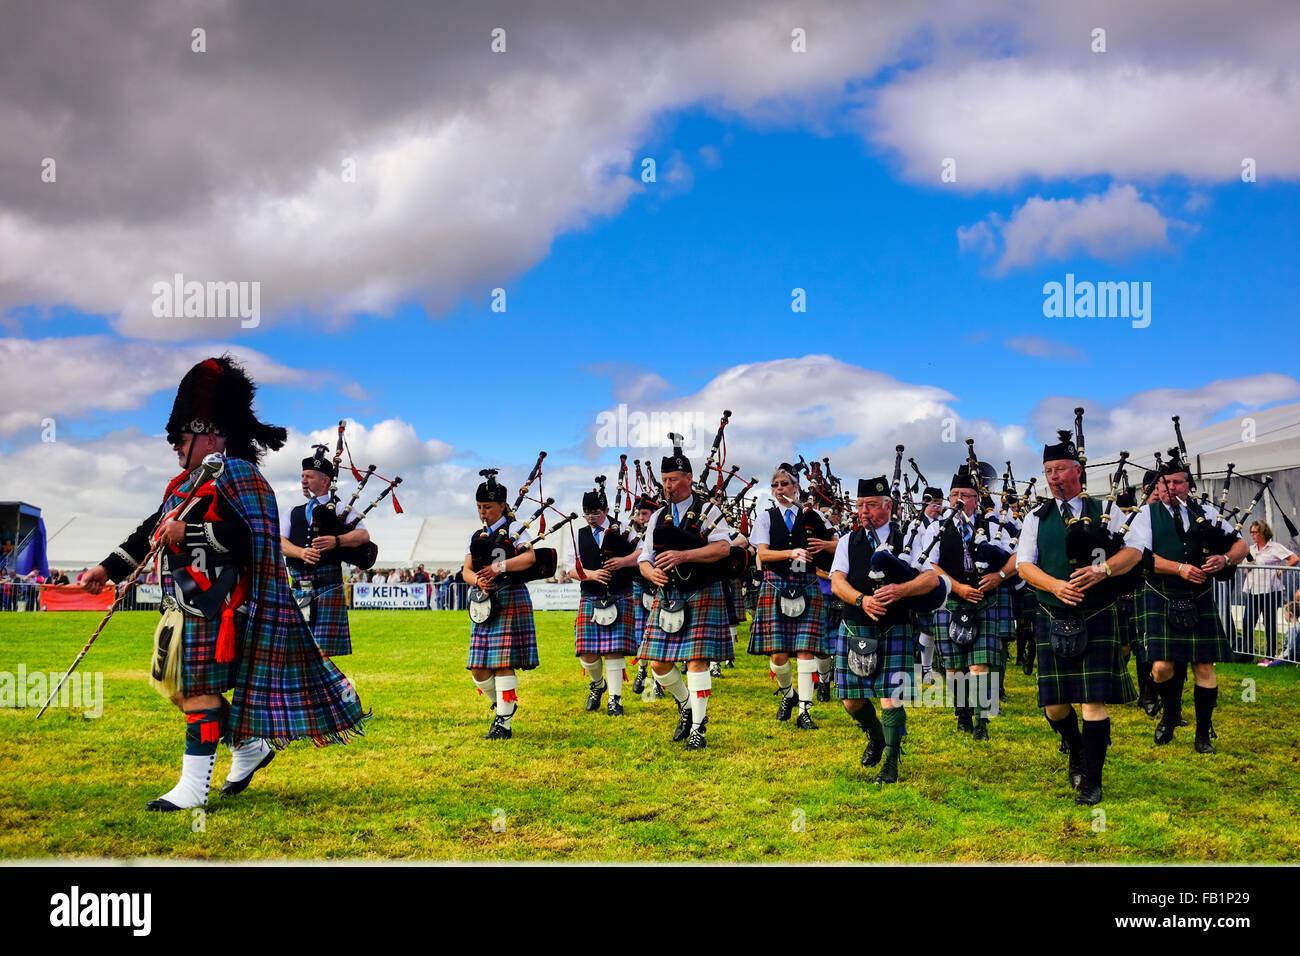 Gaiteiro escocés Marching Band durante el verano juegos escoceses en Keith, Scotland, Reino Unido vistiendo Imagen De Stock